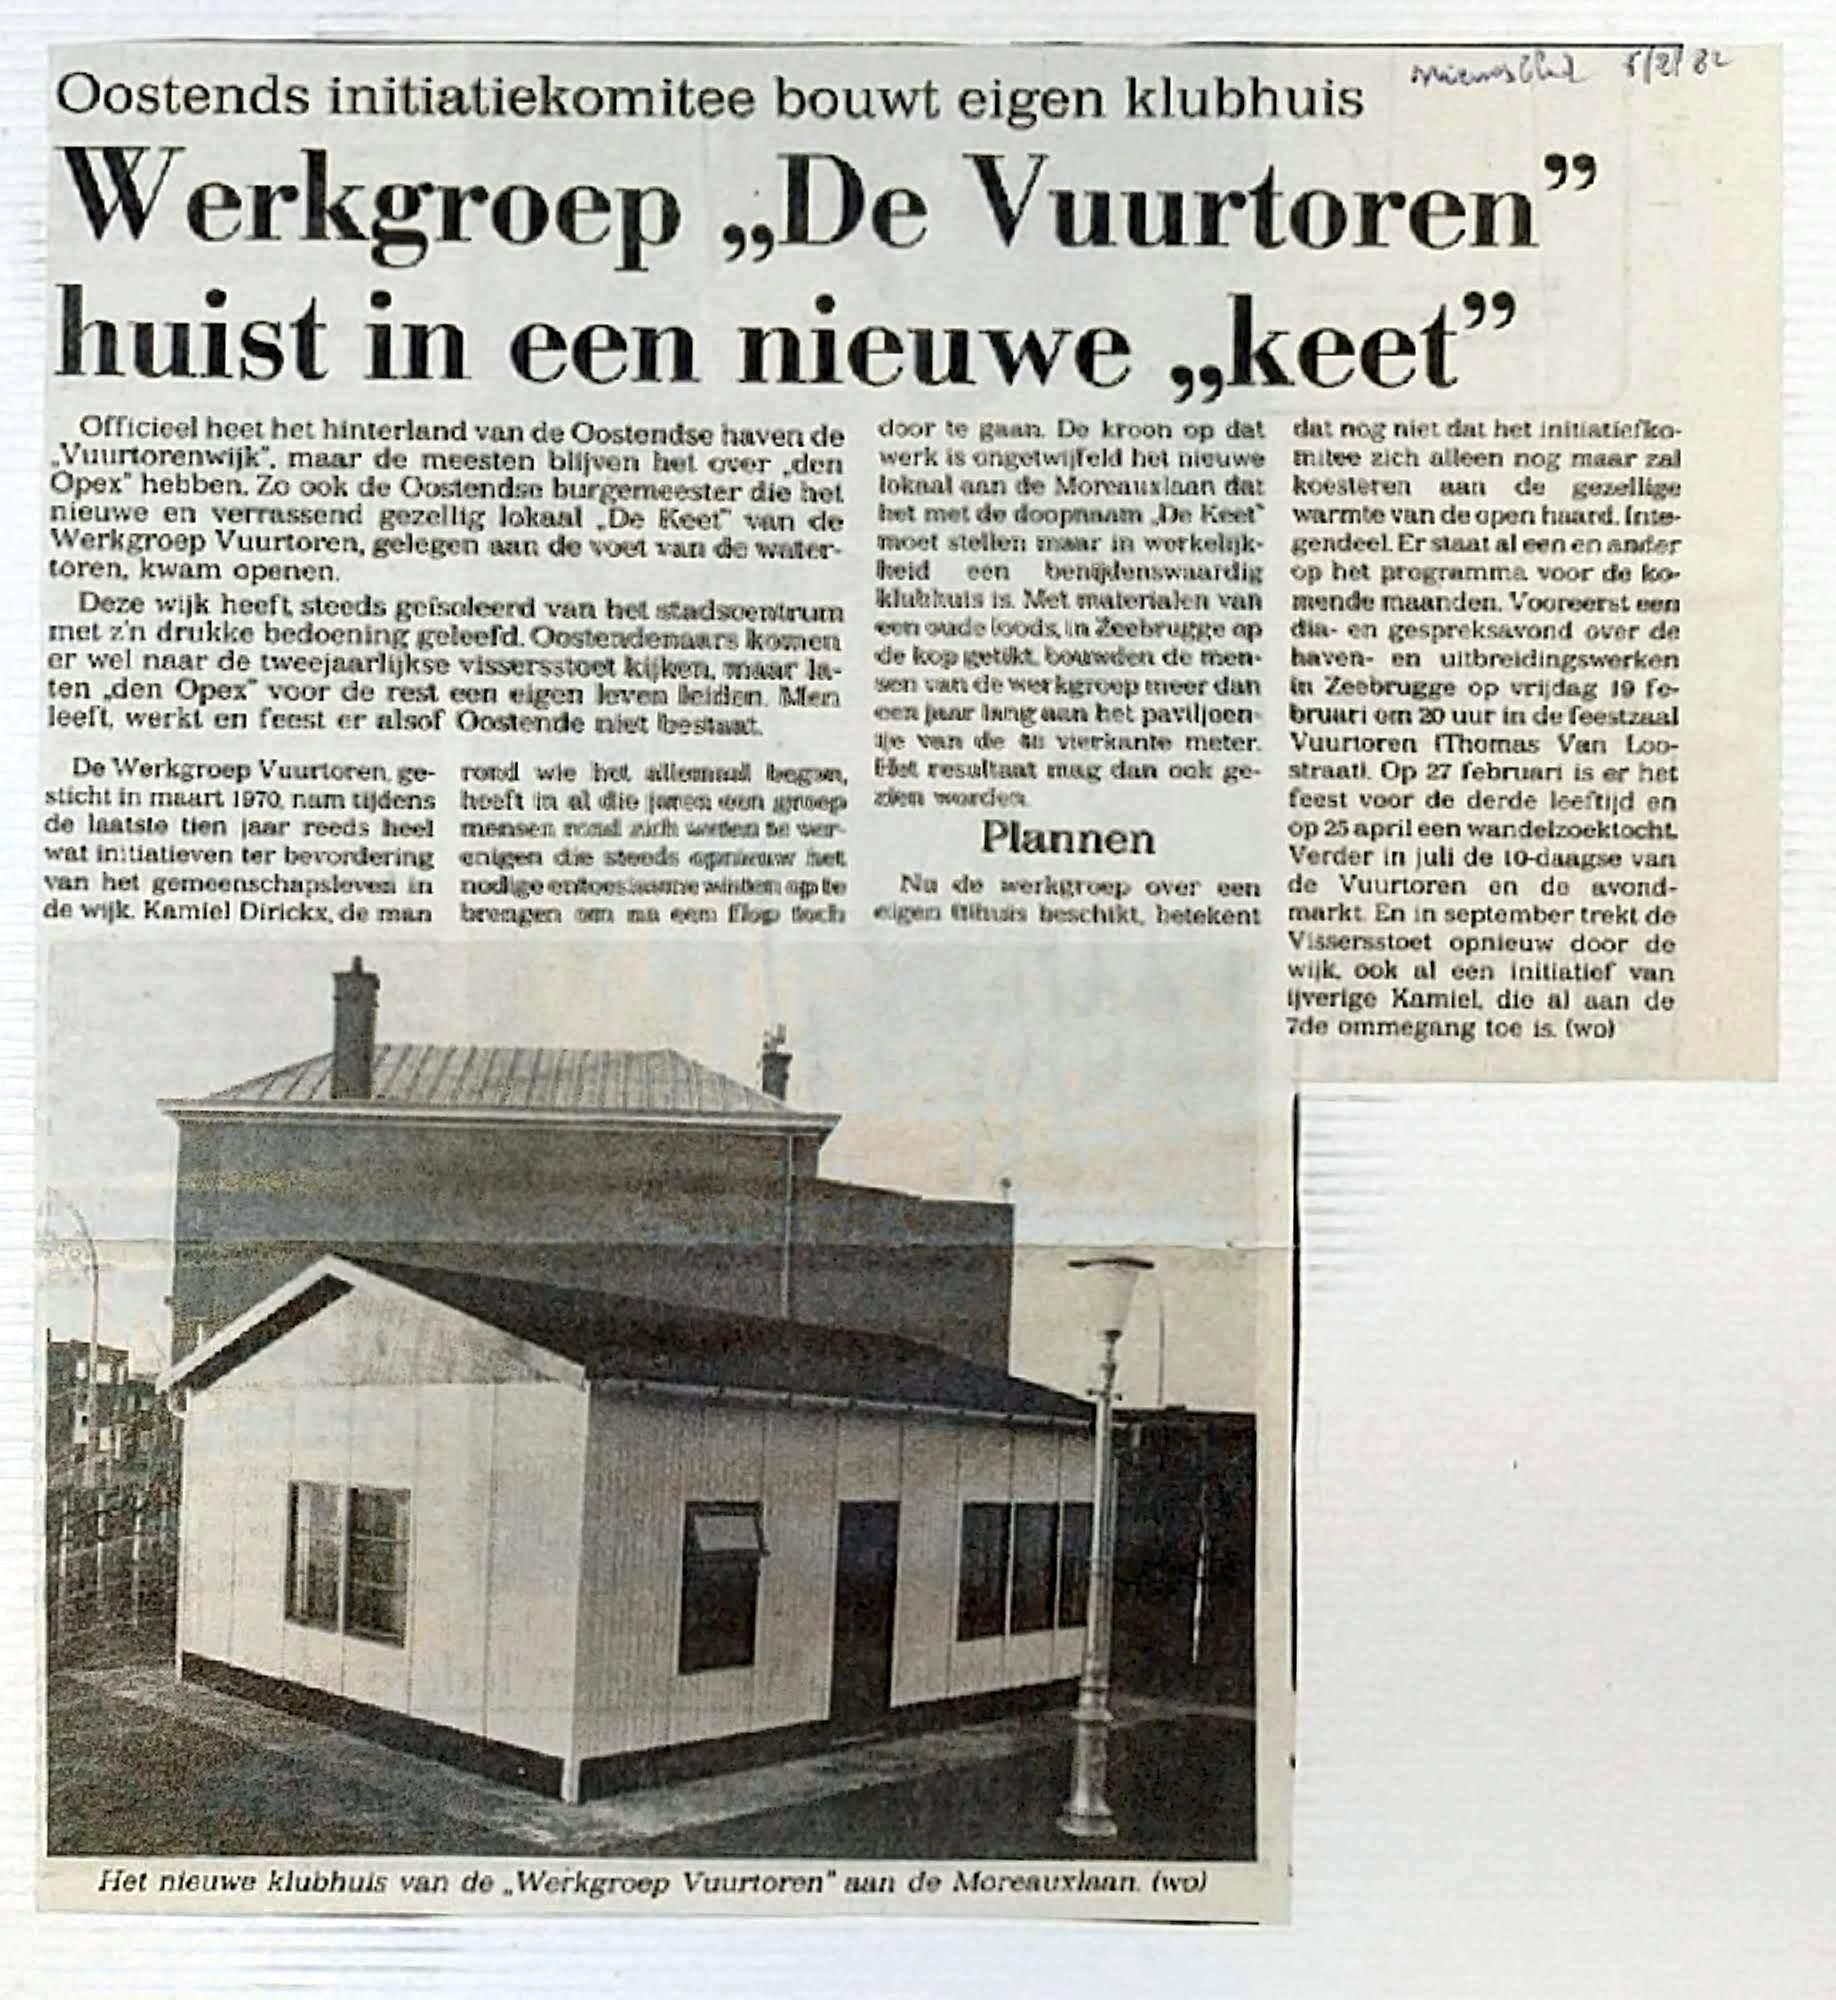 Persartikel Nieuwsblad van 05 februari 1982